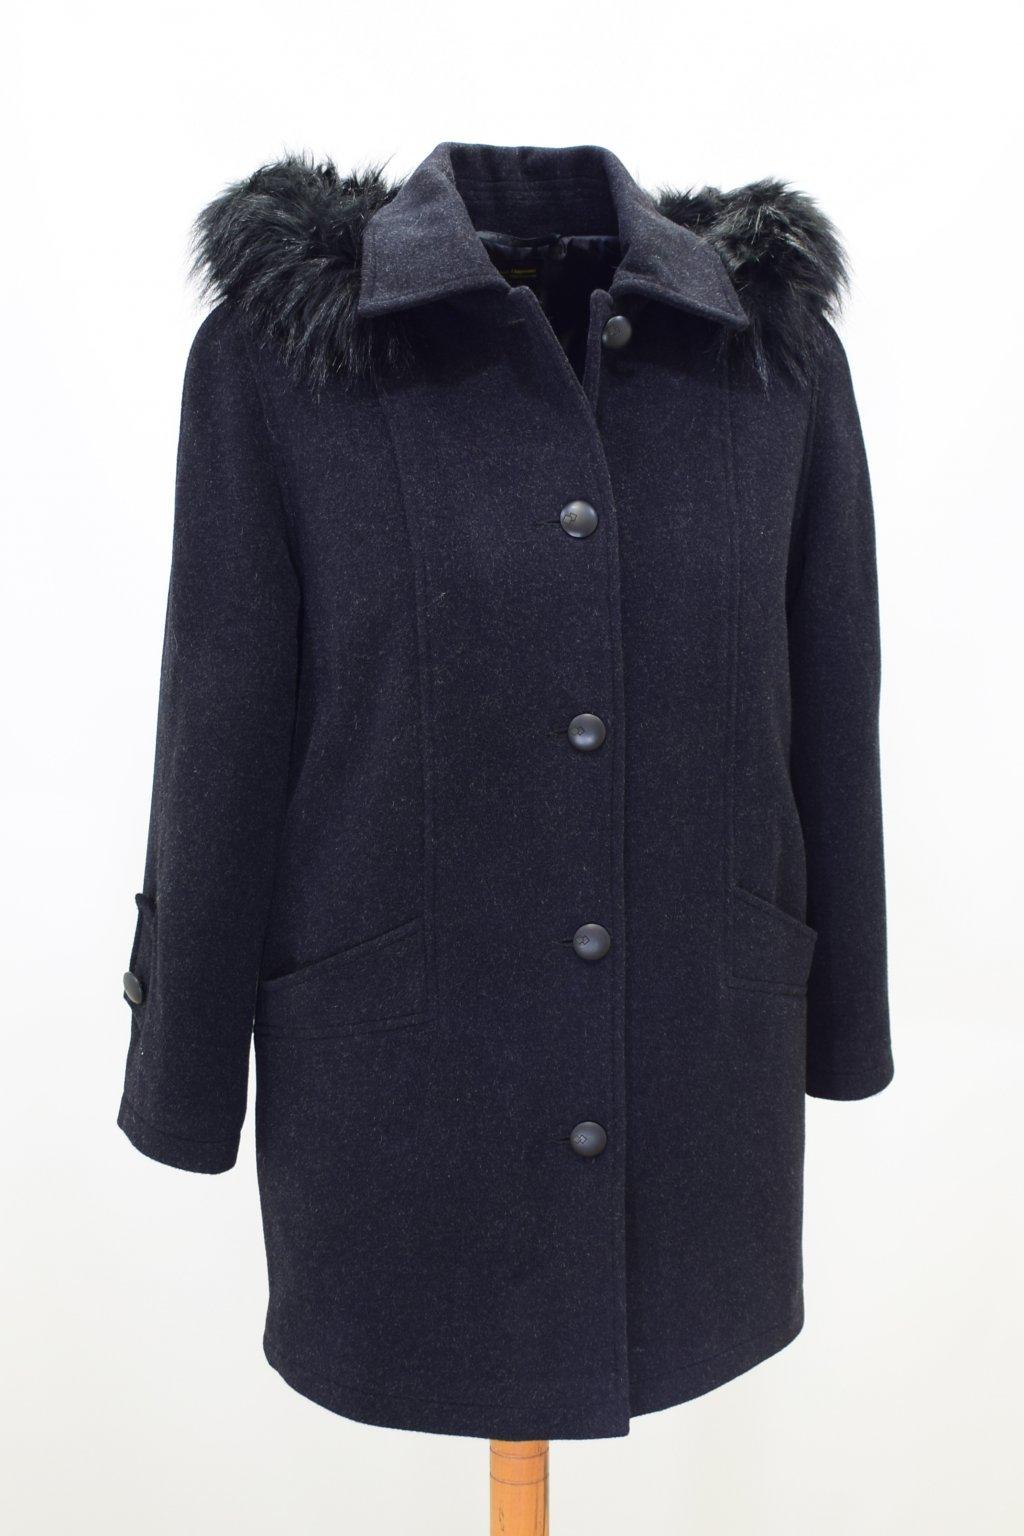 Dámský černý zimní kabát Grácie nadměrné velikosti.